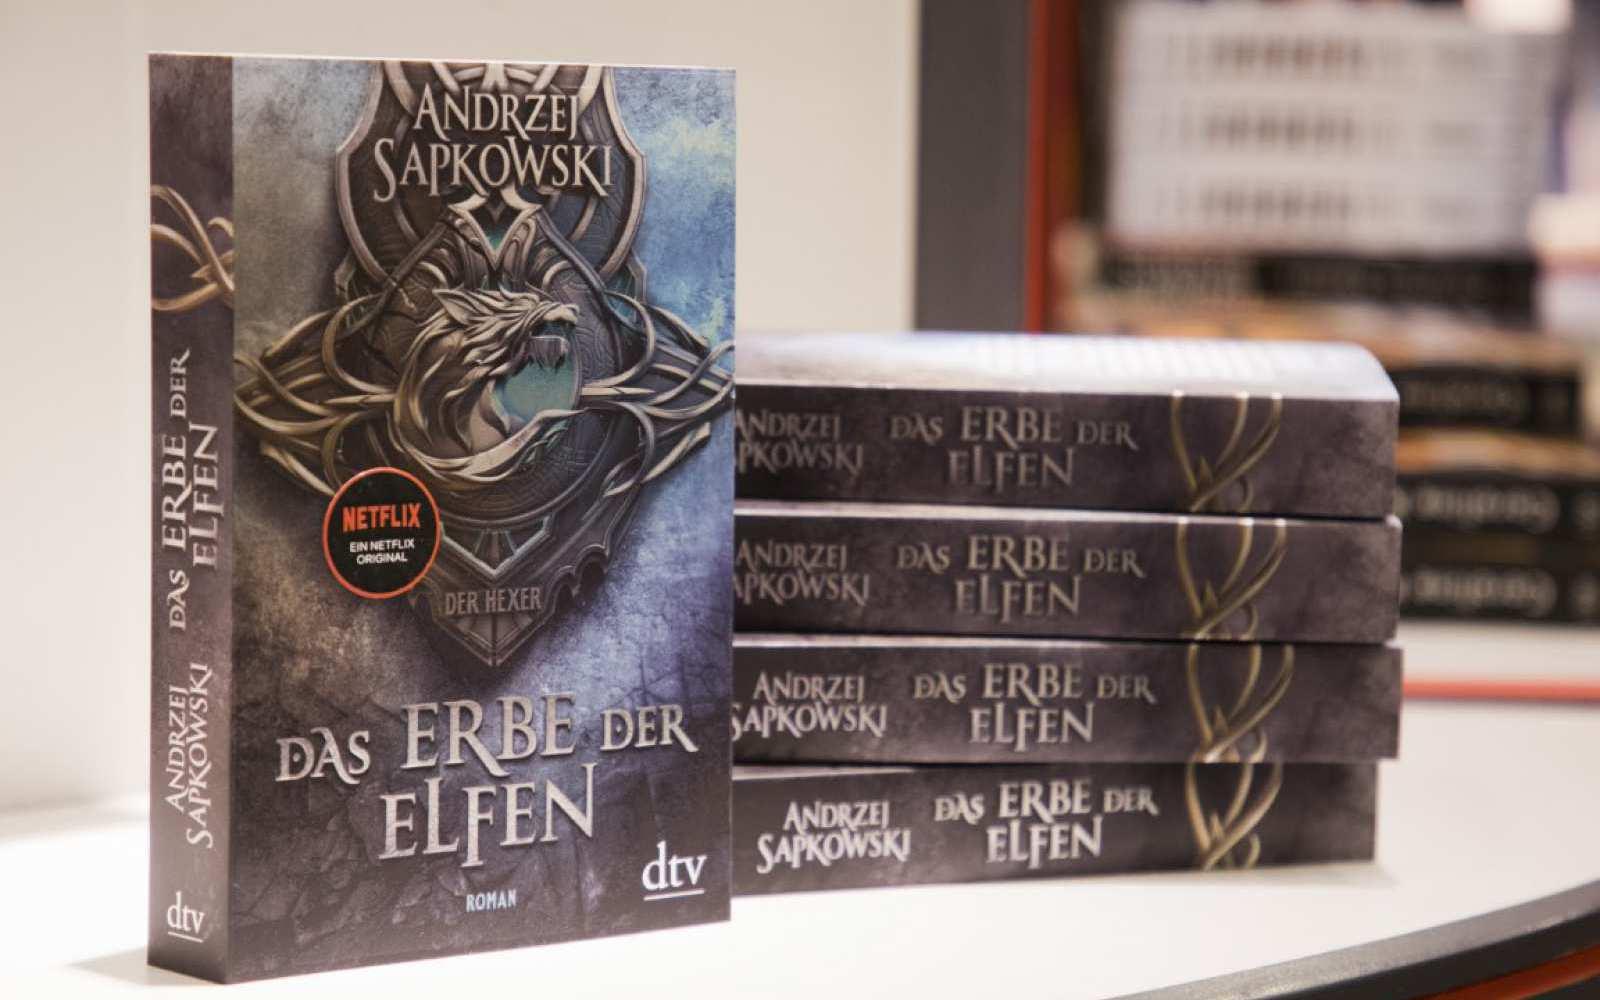 Buch-Tipp von Thalia im Februar: Das Erbe der Elfen (Die Hexer-Saga 1) von Andrzej Sapkowski